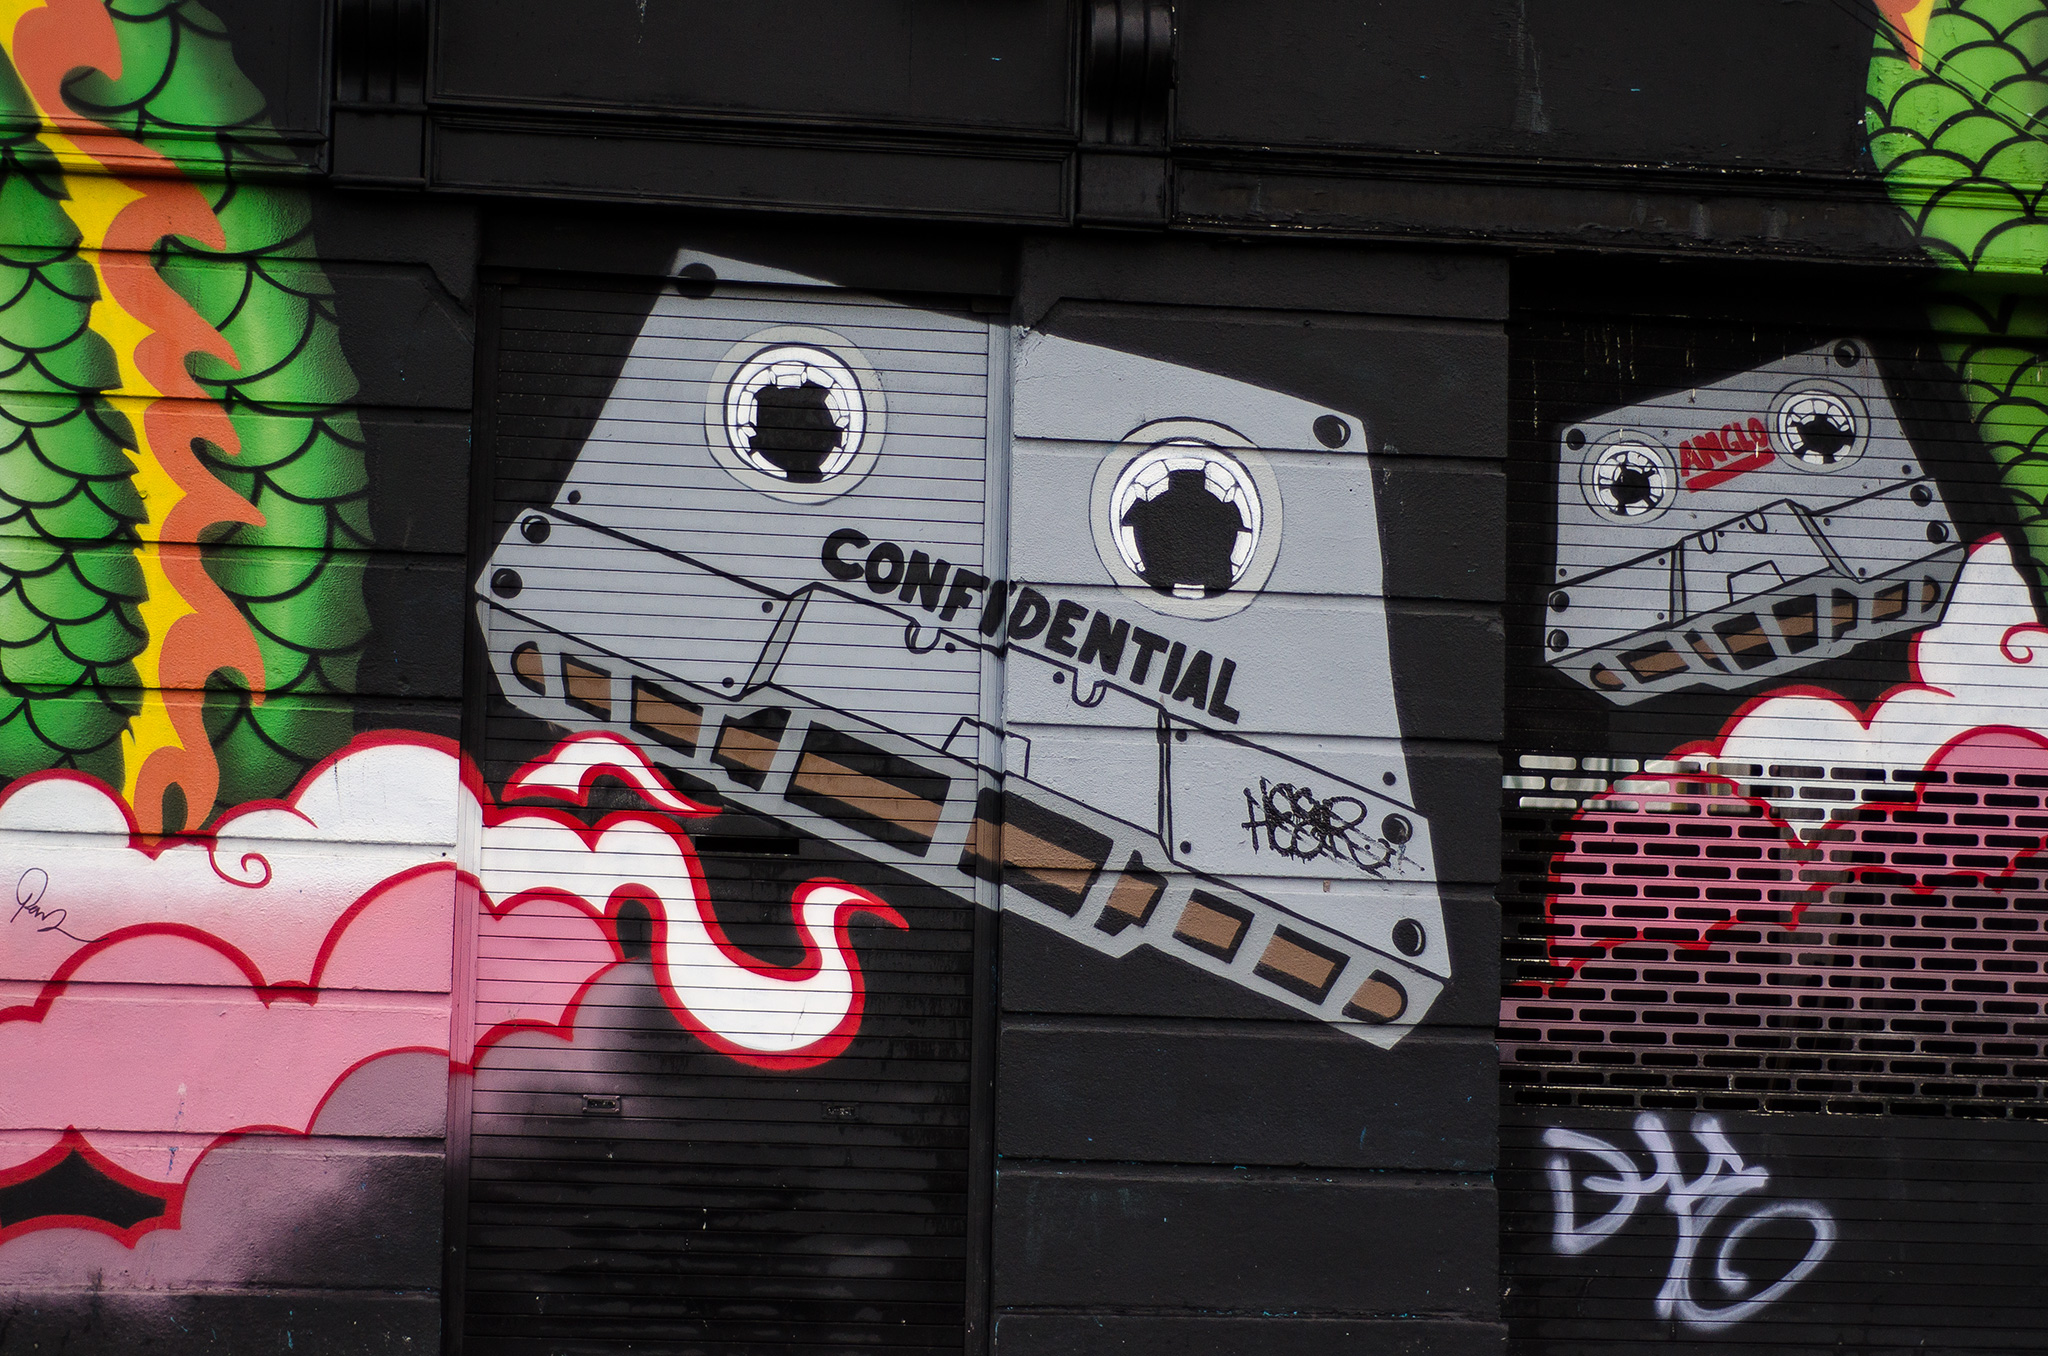 Graffiti Dublin Ireland